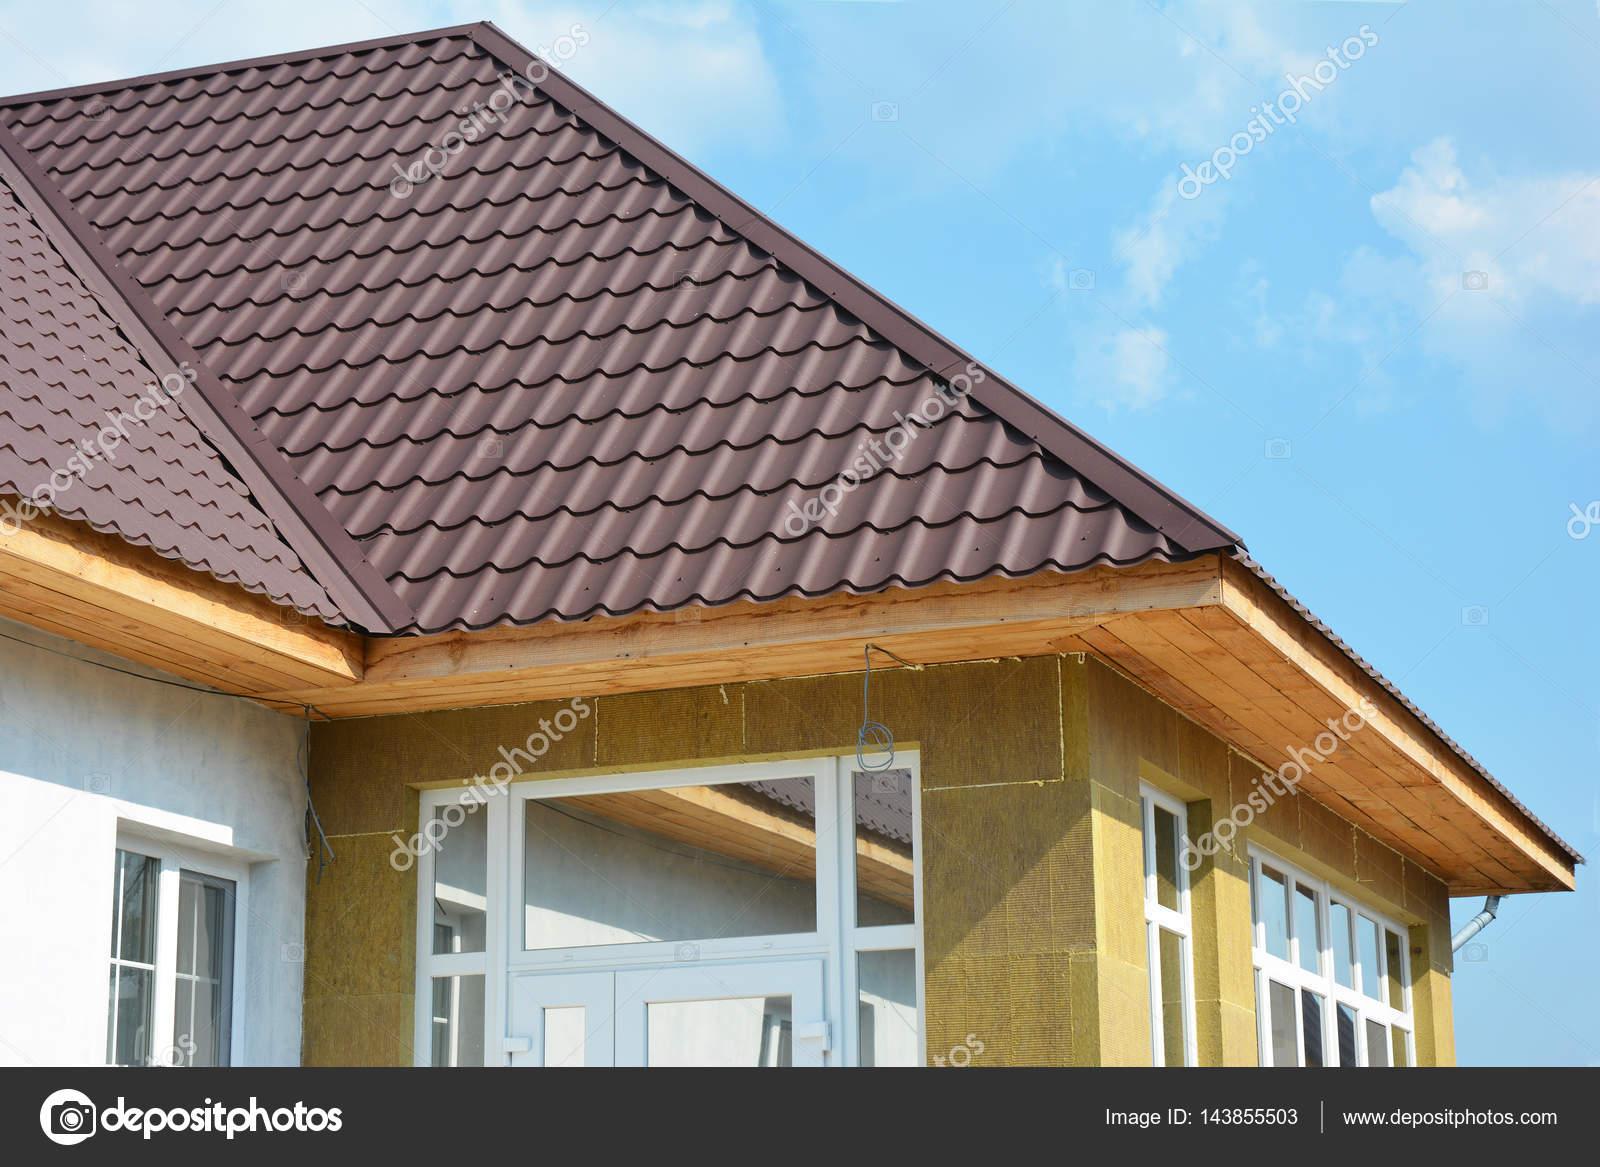 dach-konstruktion. haus wand reparatur, renovierung, dämmung detail